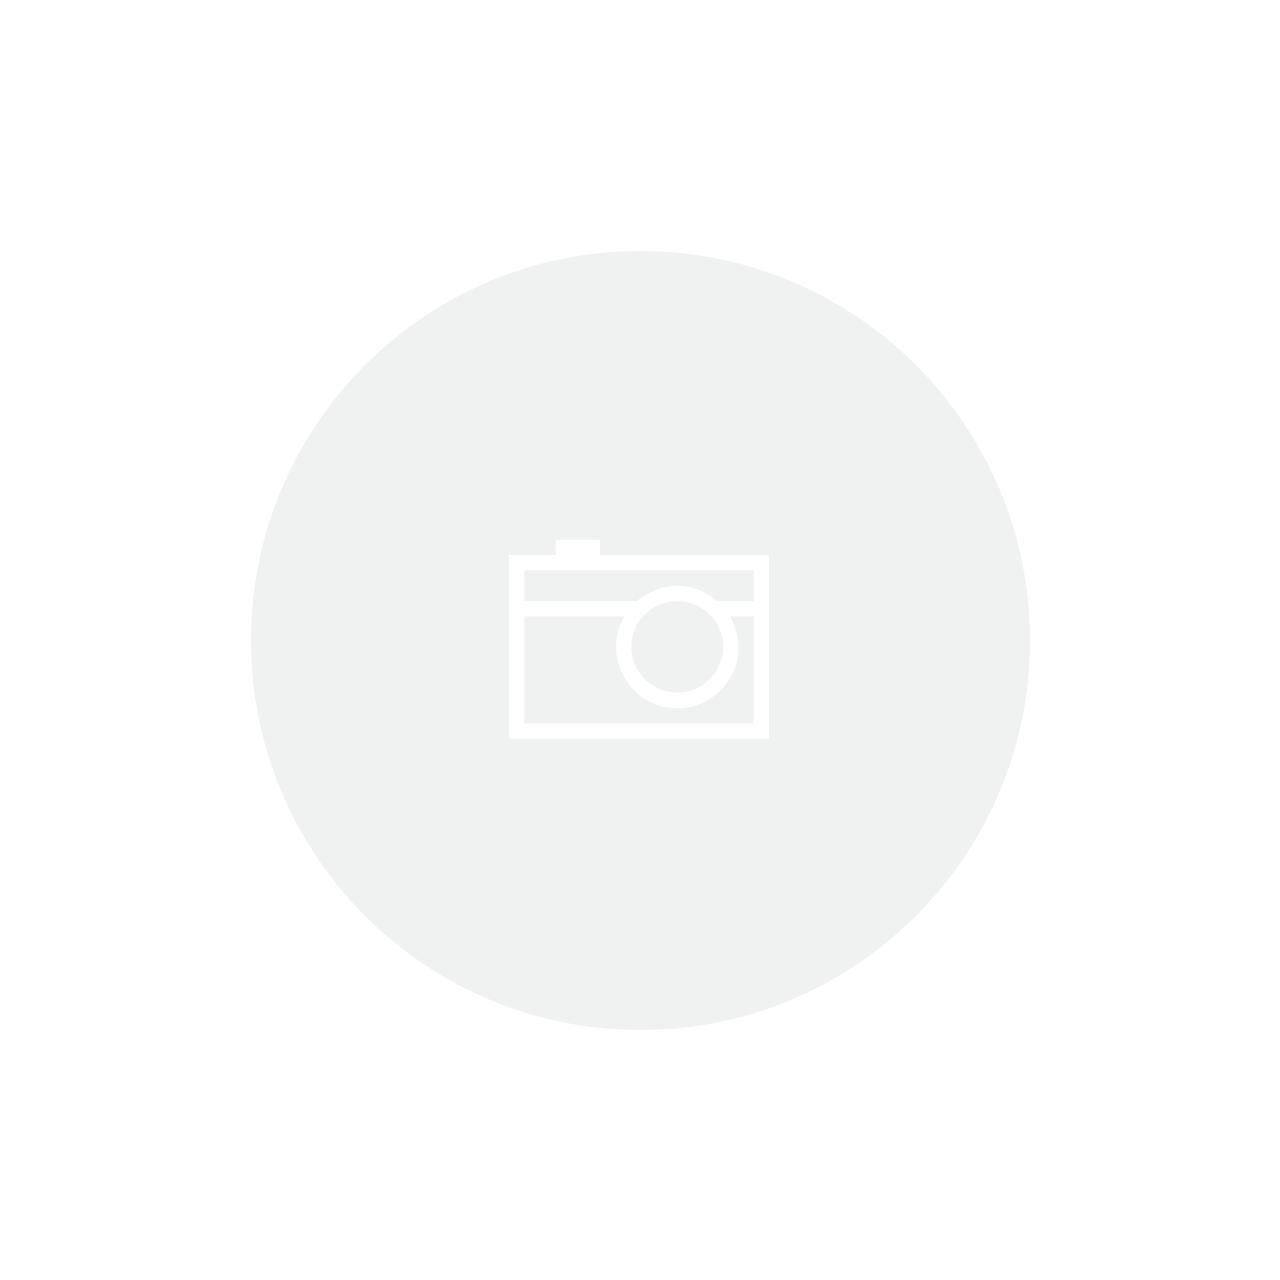 Papeleira de Chão Cristal Branca 55 cm Decor Acrílicos